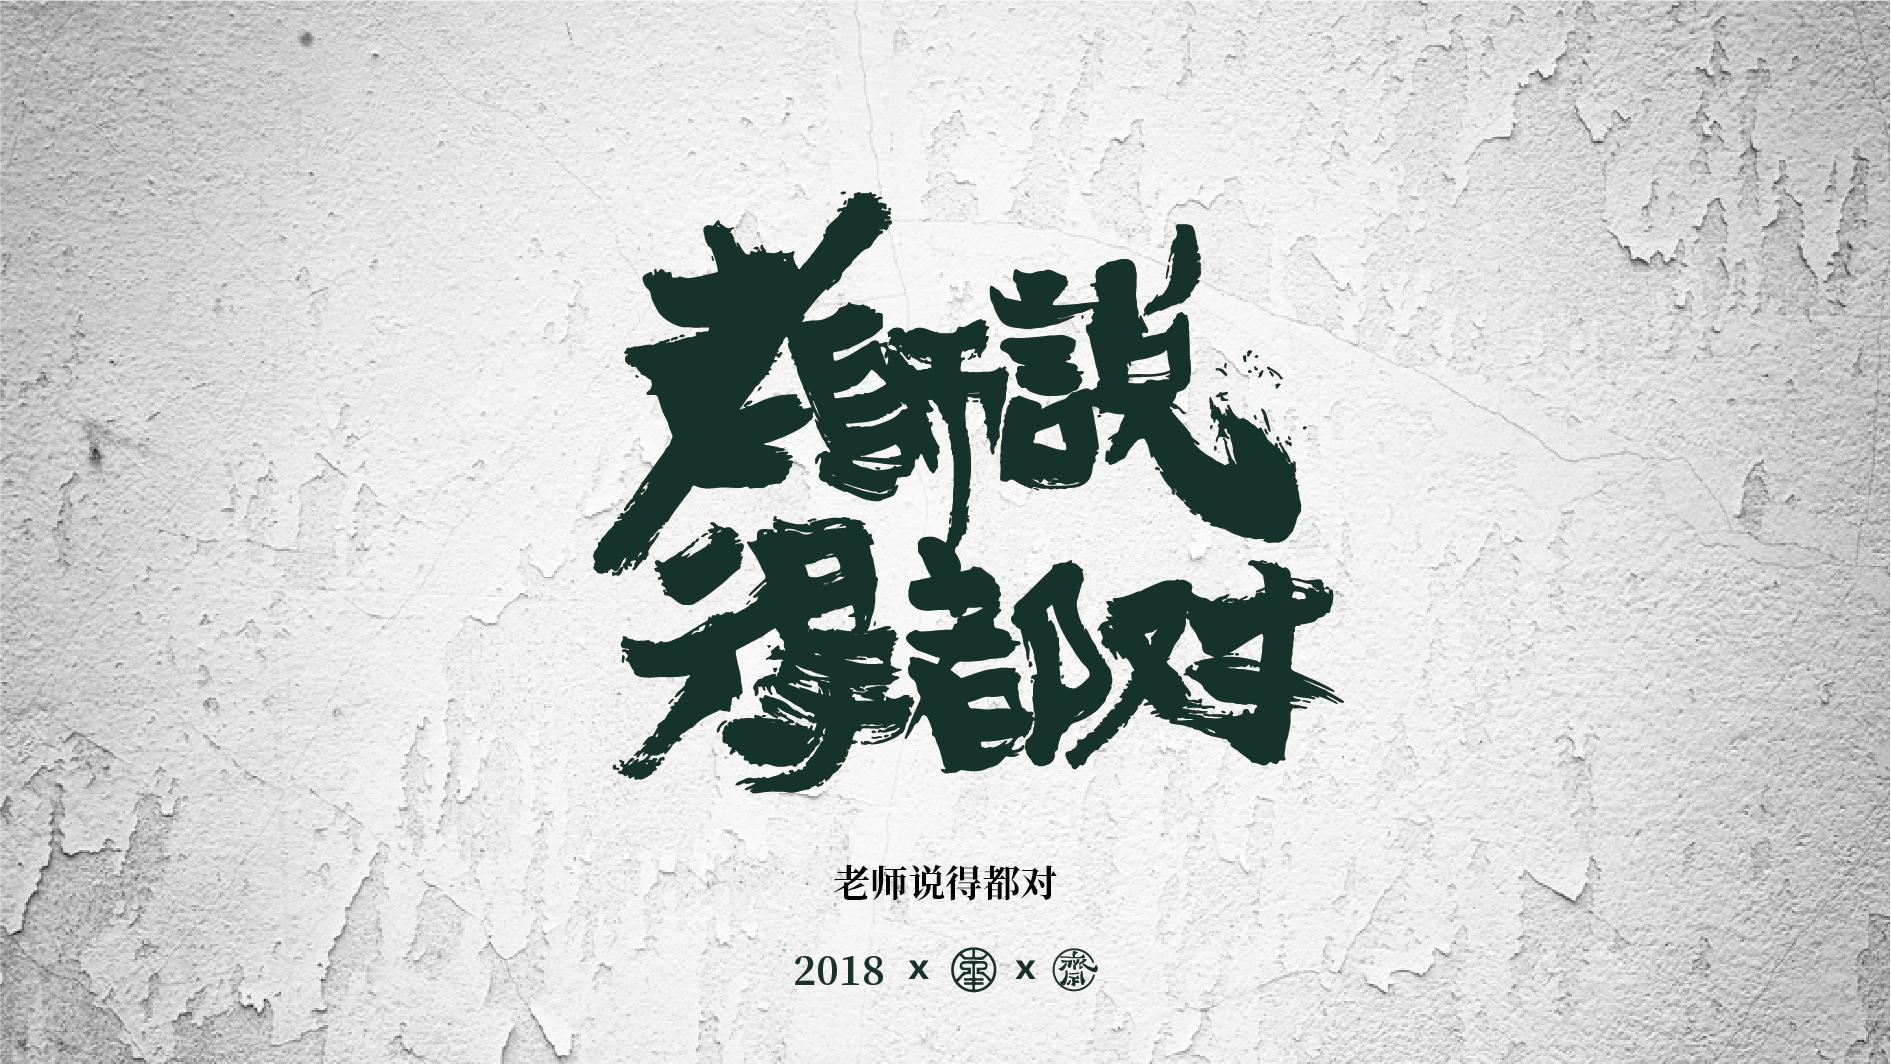 超超大神手写毛笔字第1波 之教师节系列插图(21)